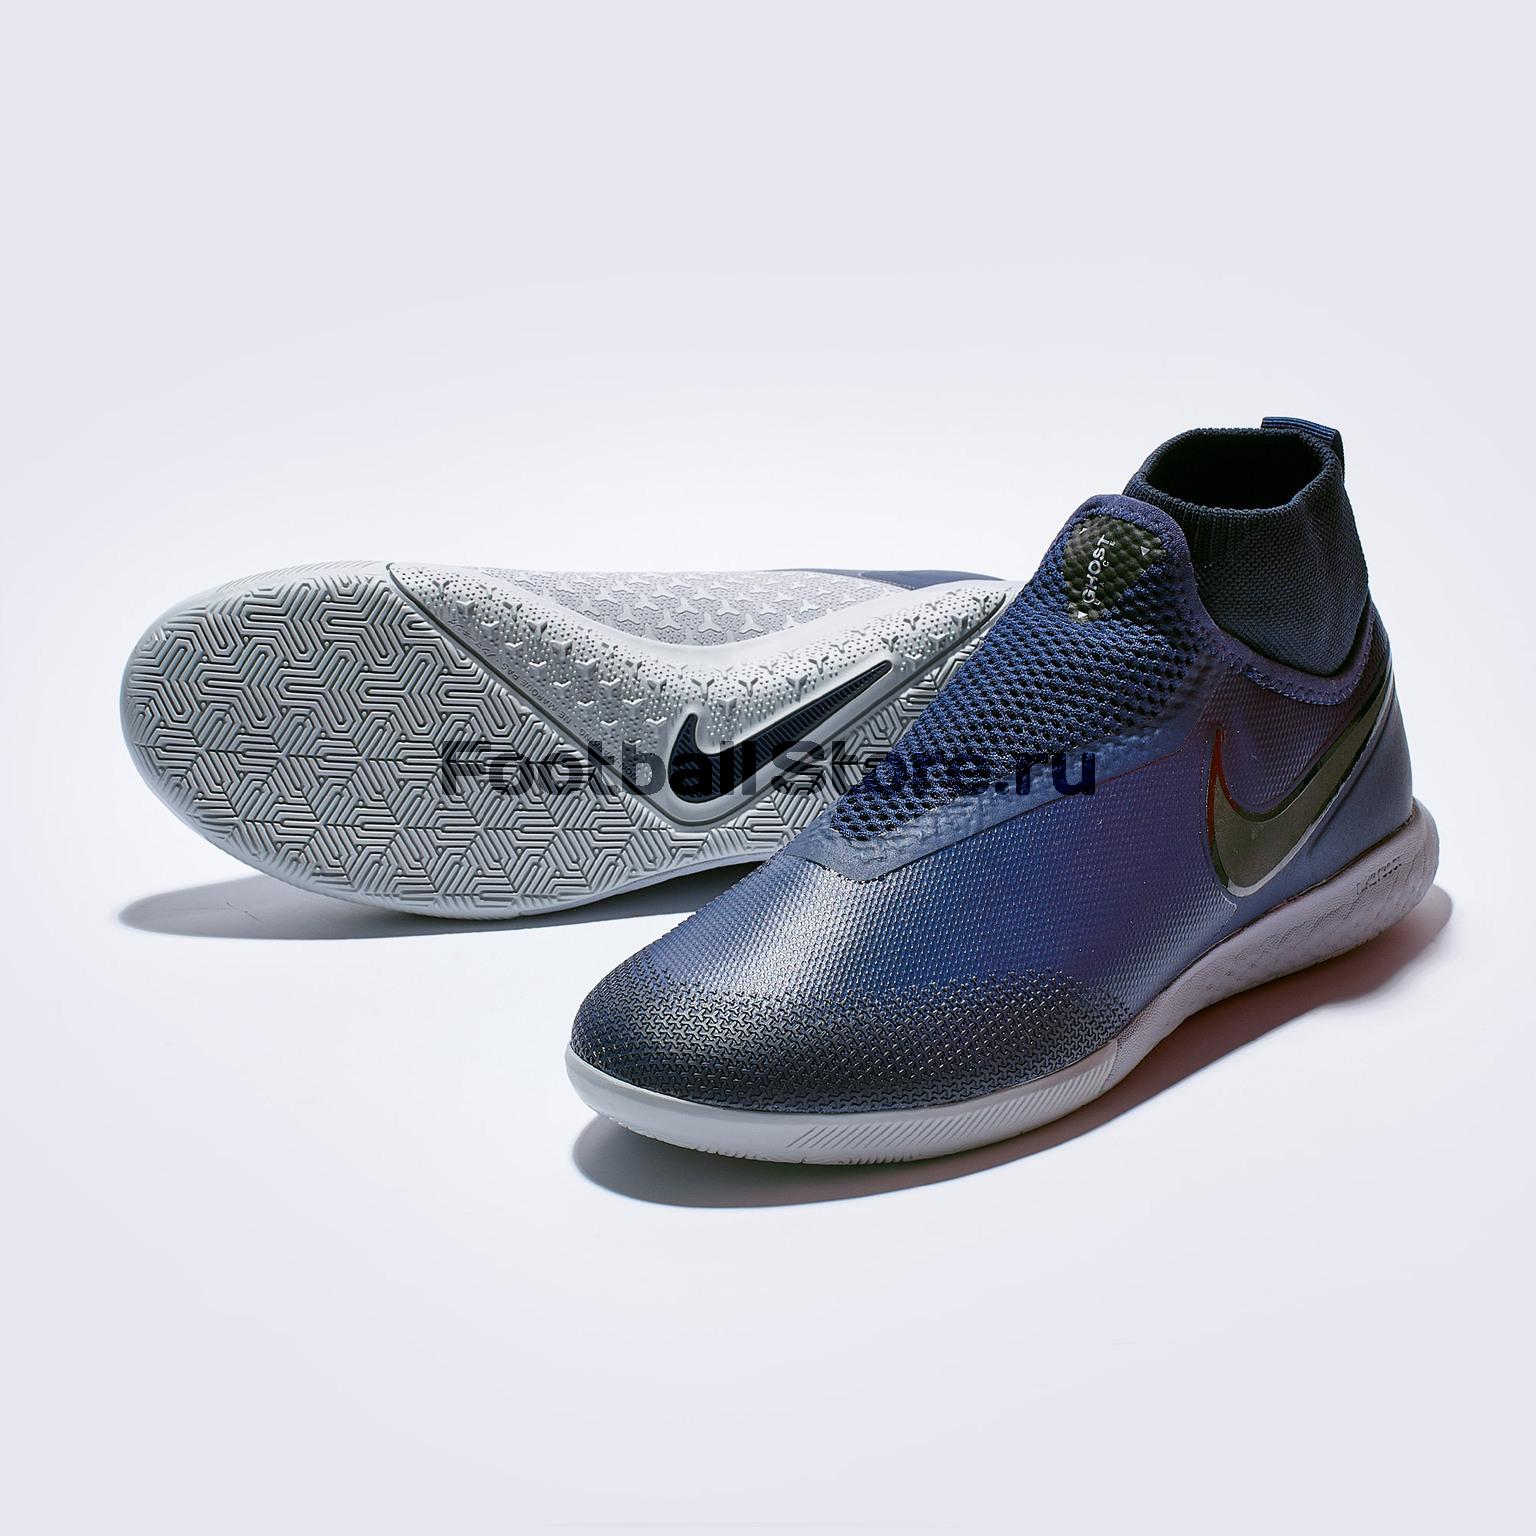 Футзалки Nike React Phantom Vision Pro DF IC AO3276-440 футзалки детские nike phantom vision academy df ic ao3290 400